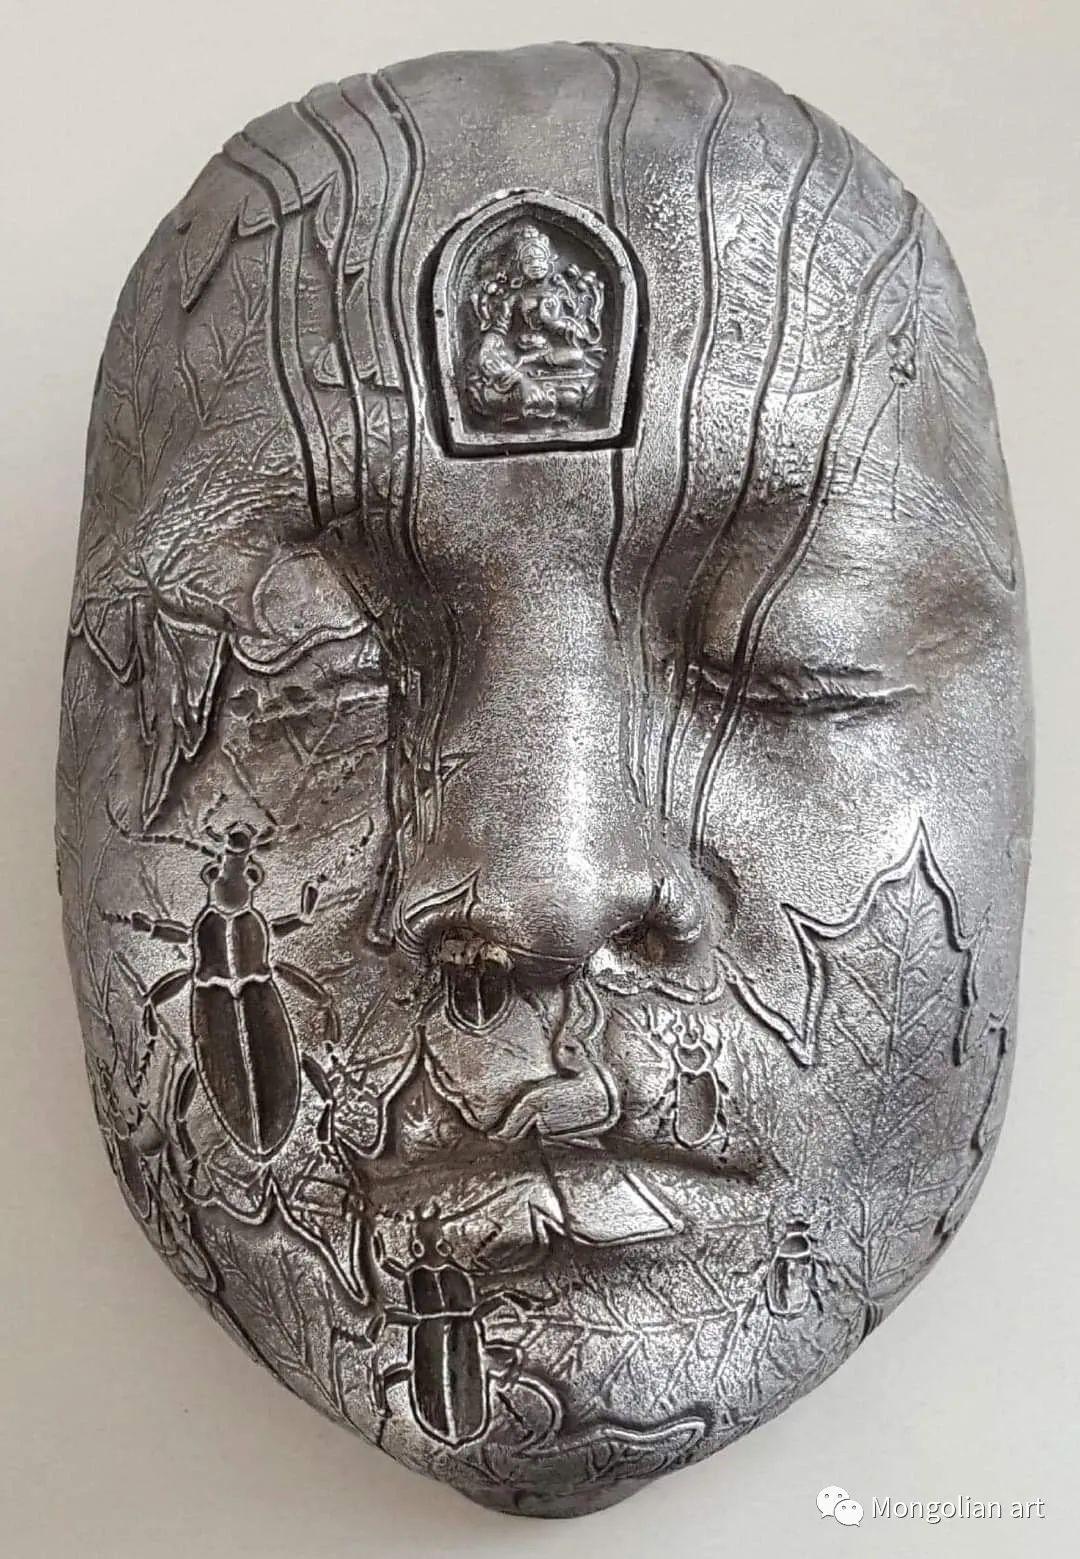 蒙古艺术博物馆获奖雕塑家Tuvdendorj Darzav 第20张 蒙古艺术博物馆获奖雕塑家Tuvdendorj Darzav 蒙古画廊